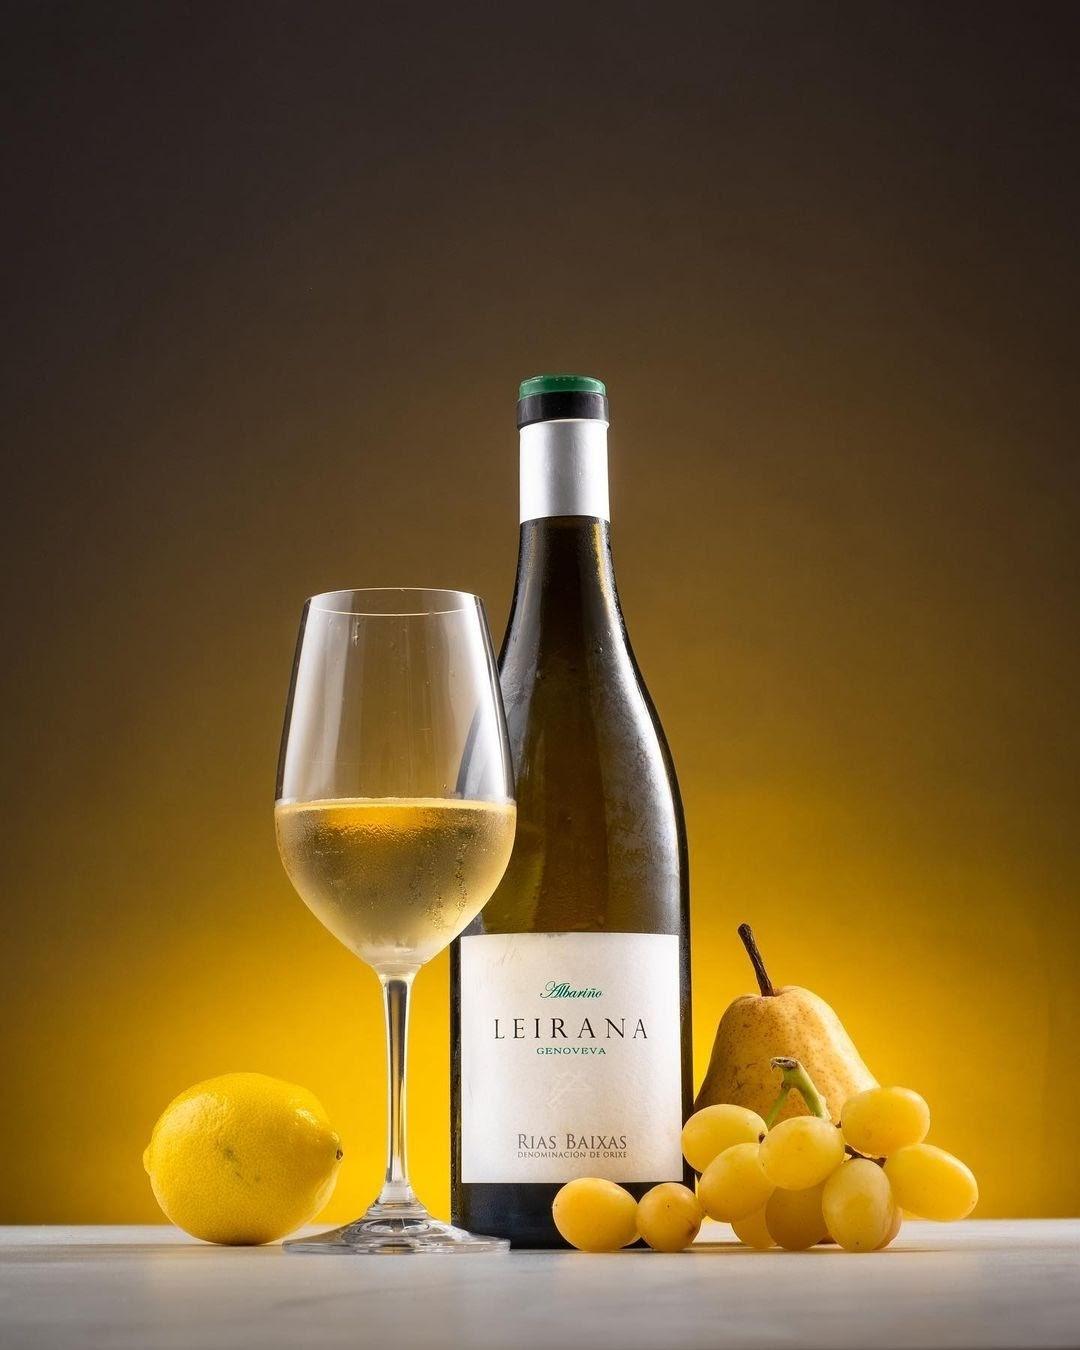 la revolución de los vinos blancos llega a Argentina